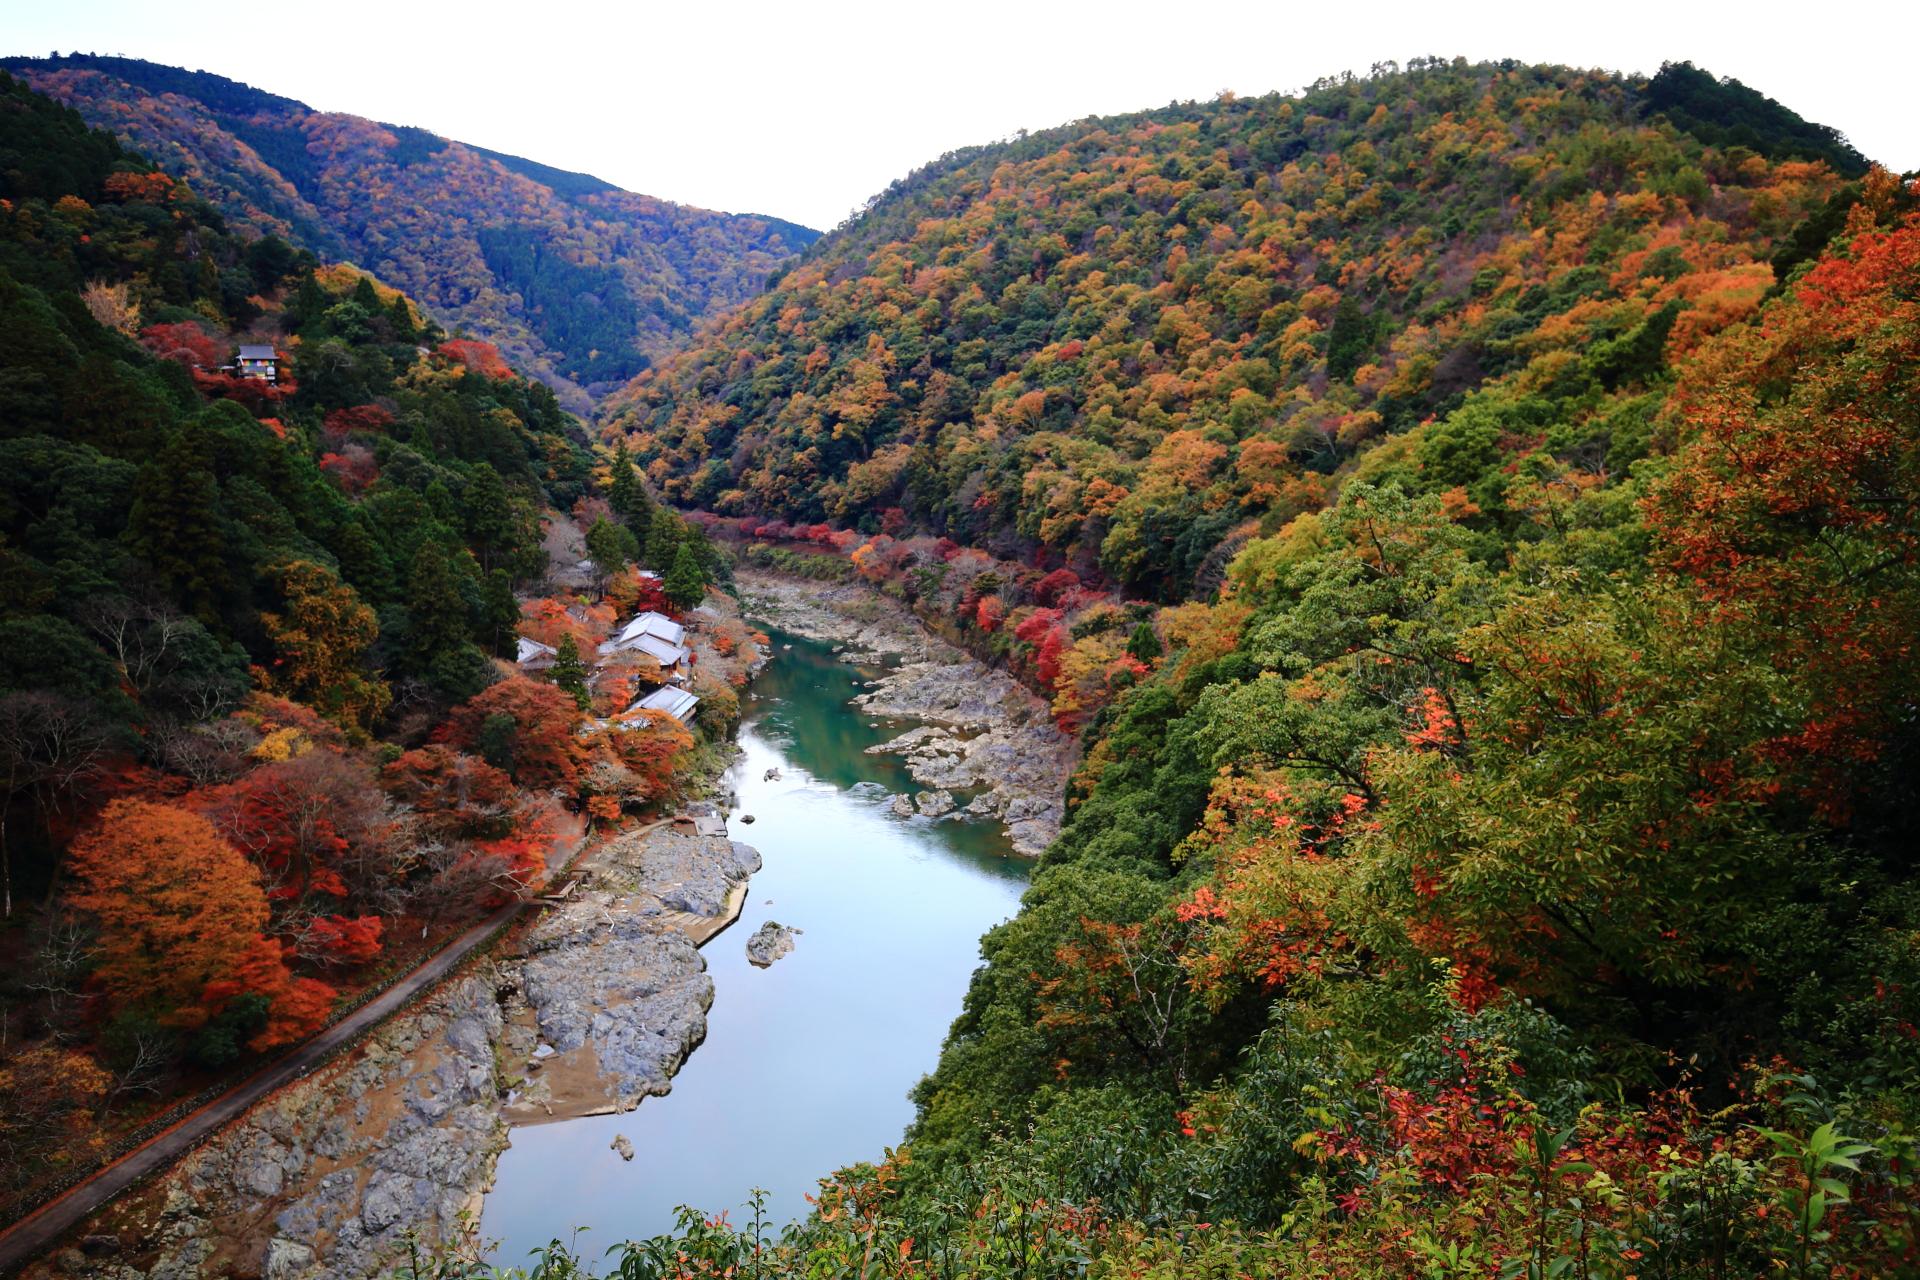 嵐山公園 亀山地区から眺める嵐山と保津峡の秋の風景